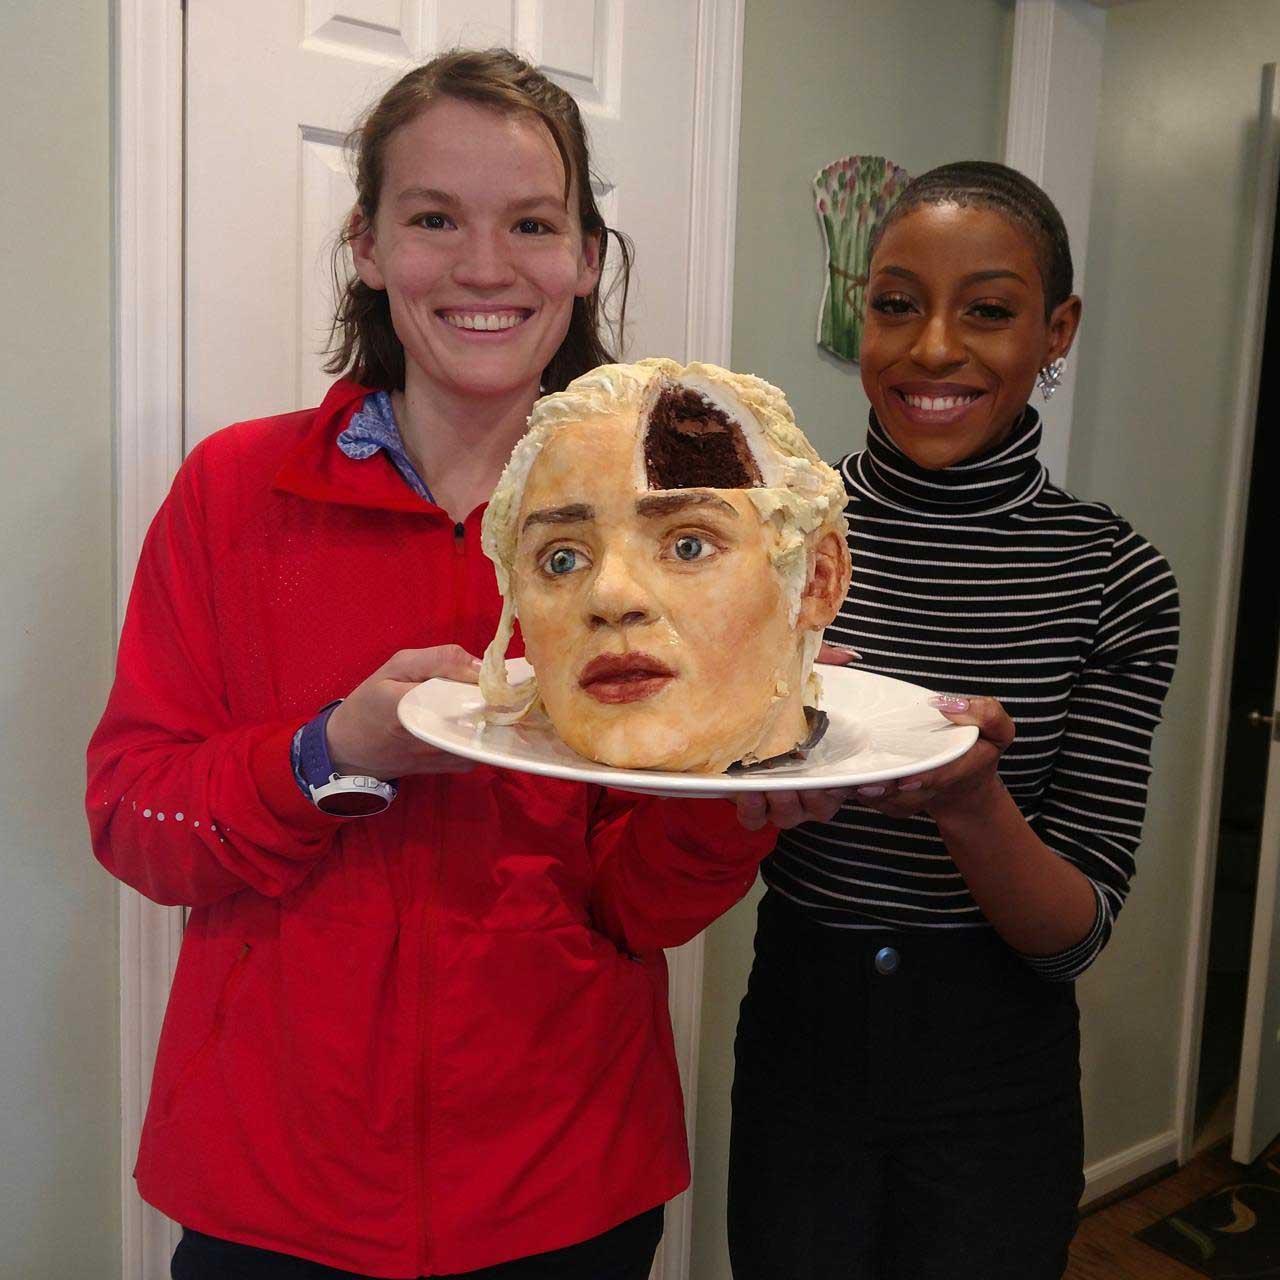 Gruselig realistisch aussehende Kuchen von Deviant Desserts katherine-day-deviant-desserts_03